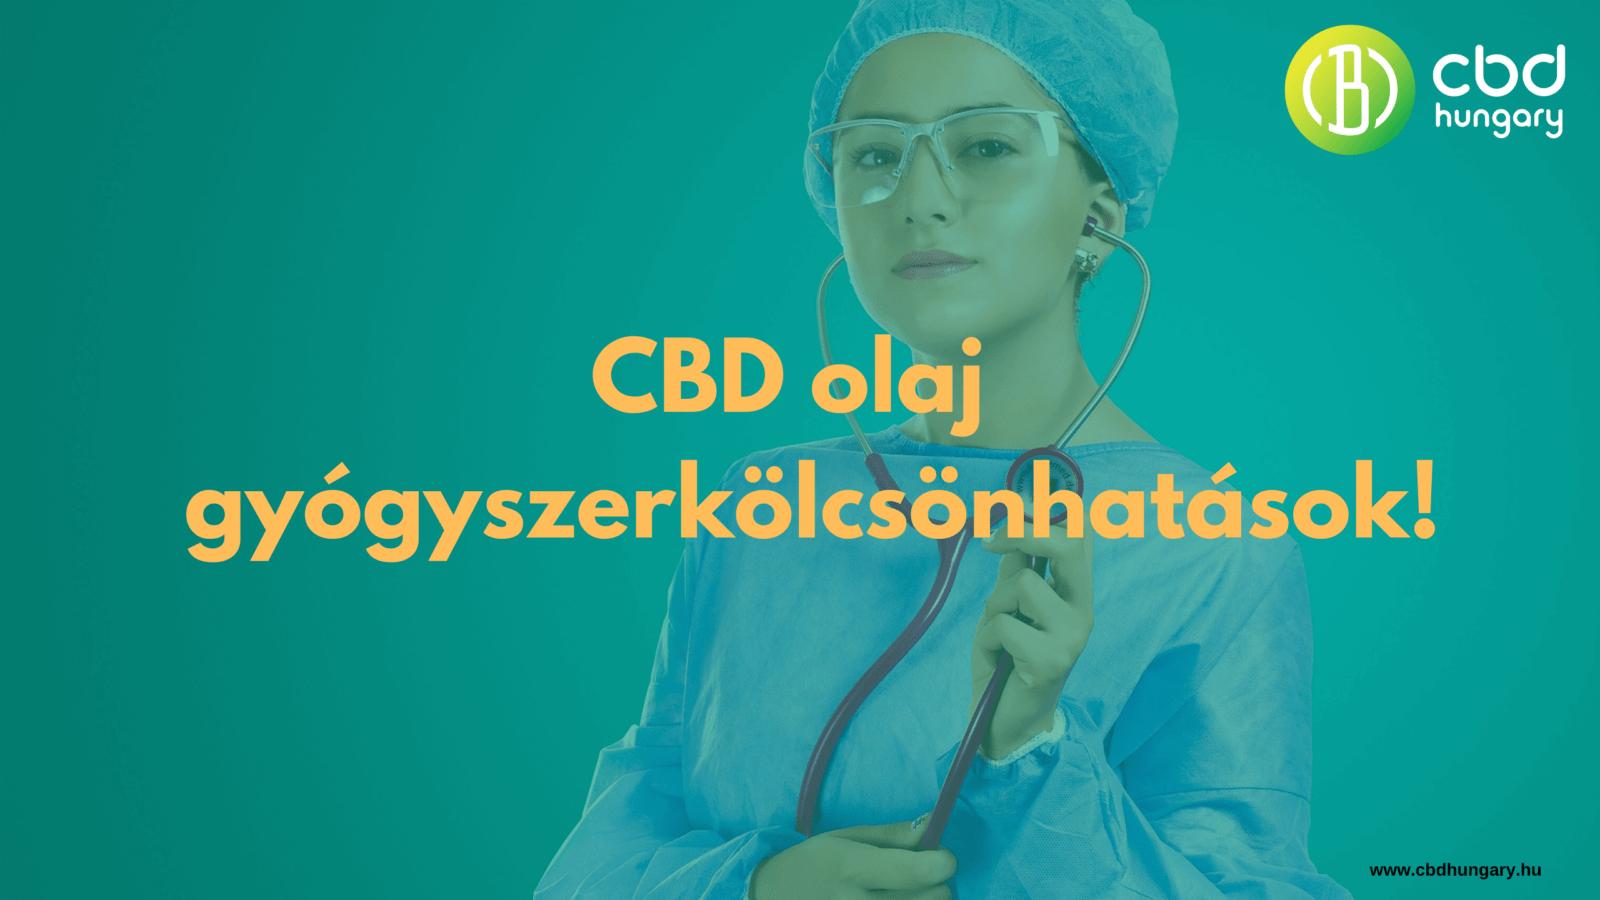 CBD olaj és gyógyszerkölcsönhatások